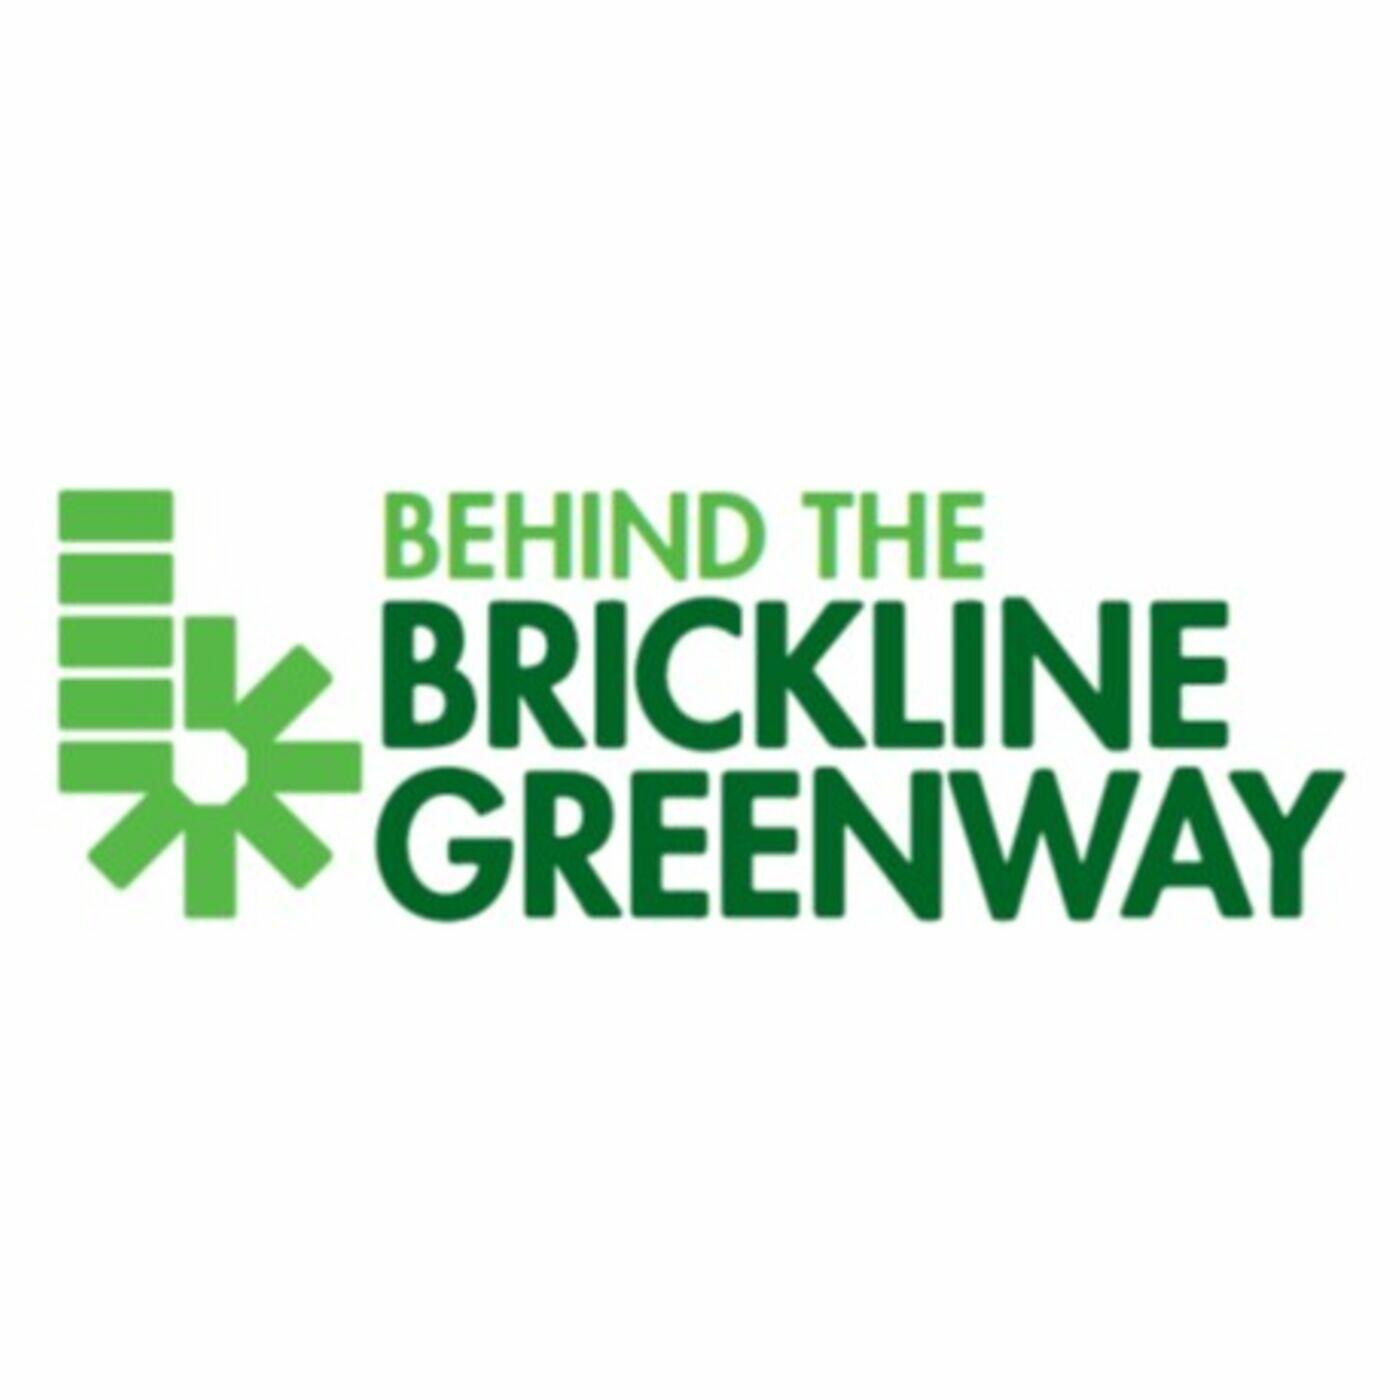 Behind The Brickline Greenway